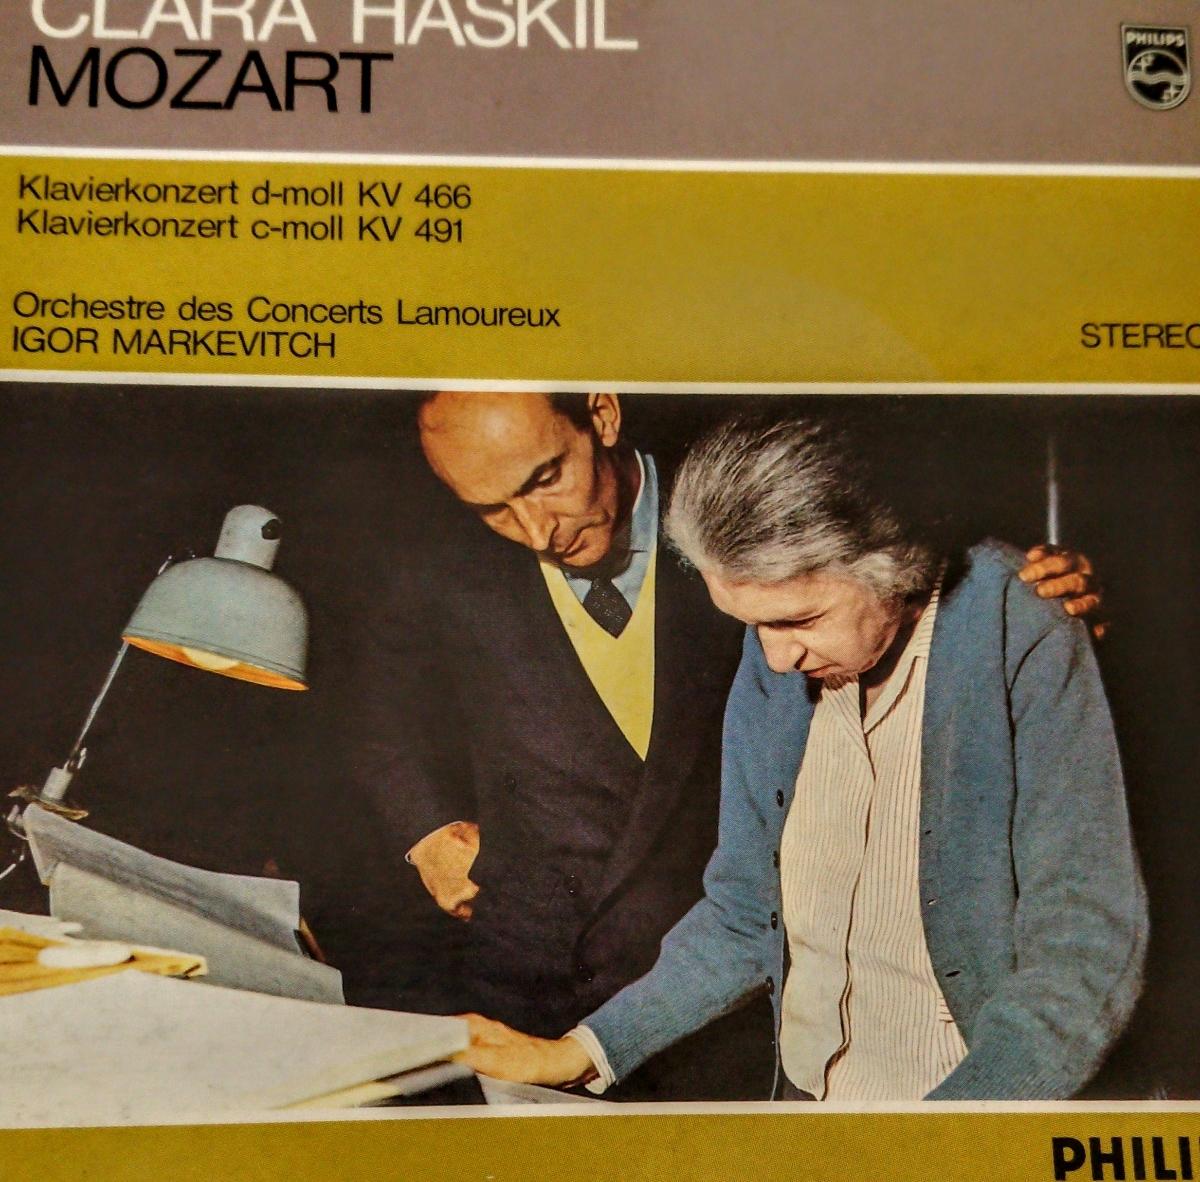 紙ジャケ24ビット盤CD/ハスキル:モーツァルトPf協奏曲第20&24番(国内盤、中古品、帯なし)